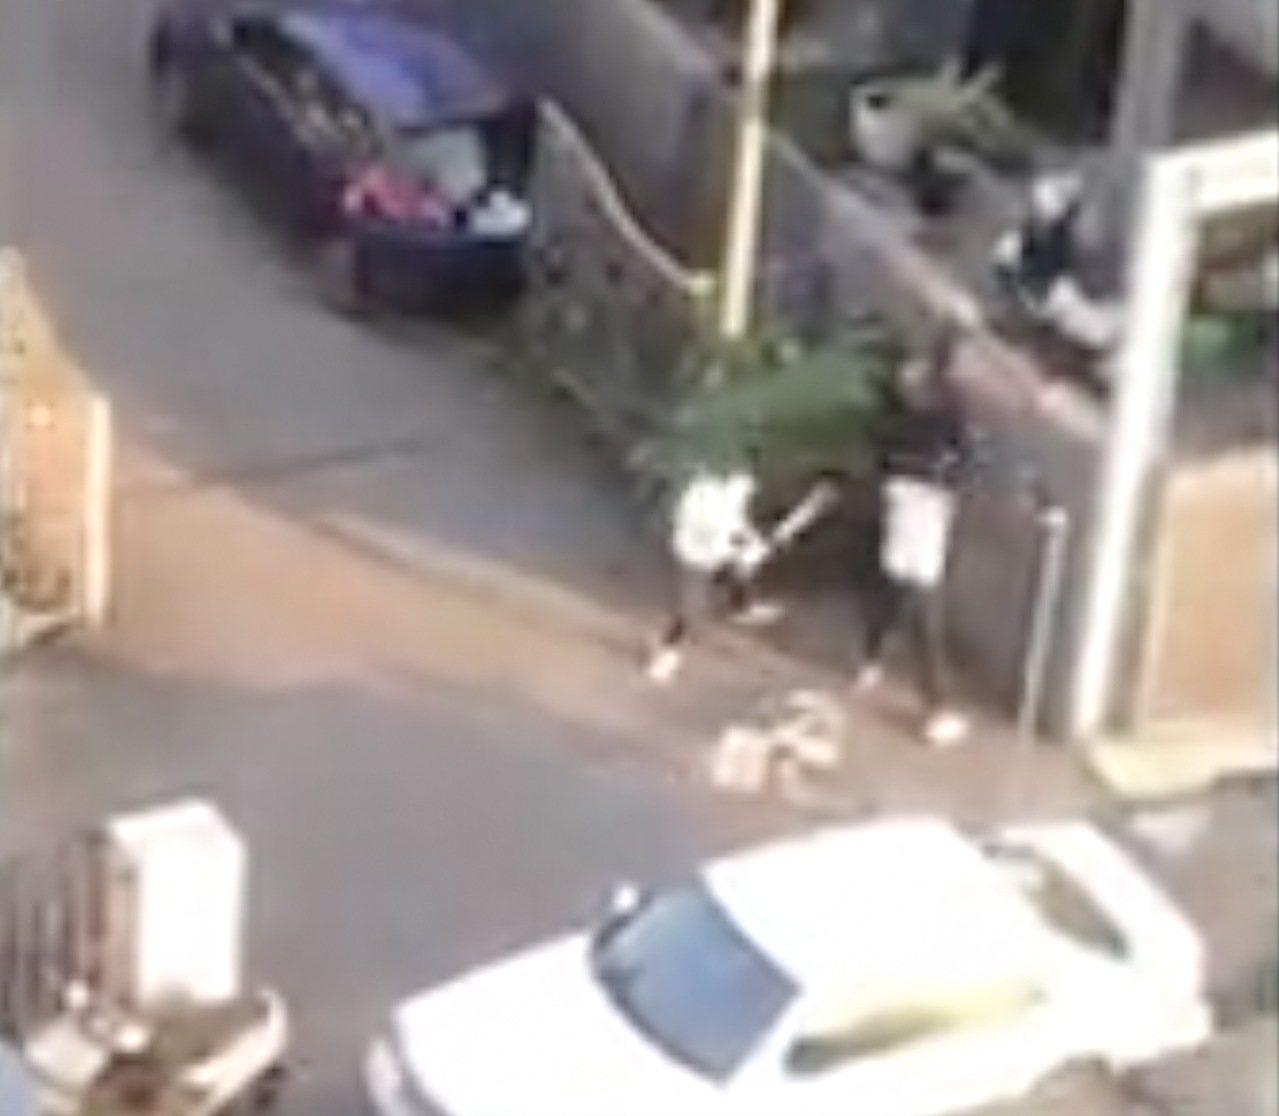 台中市北屯区松顺一街10日下午4时许发生一起歹徒持球棒打人的案件,影片遭上传脸书...